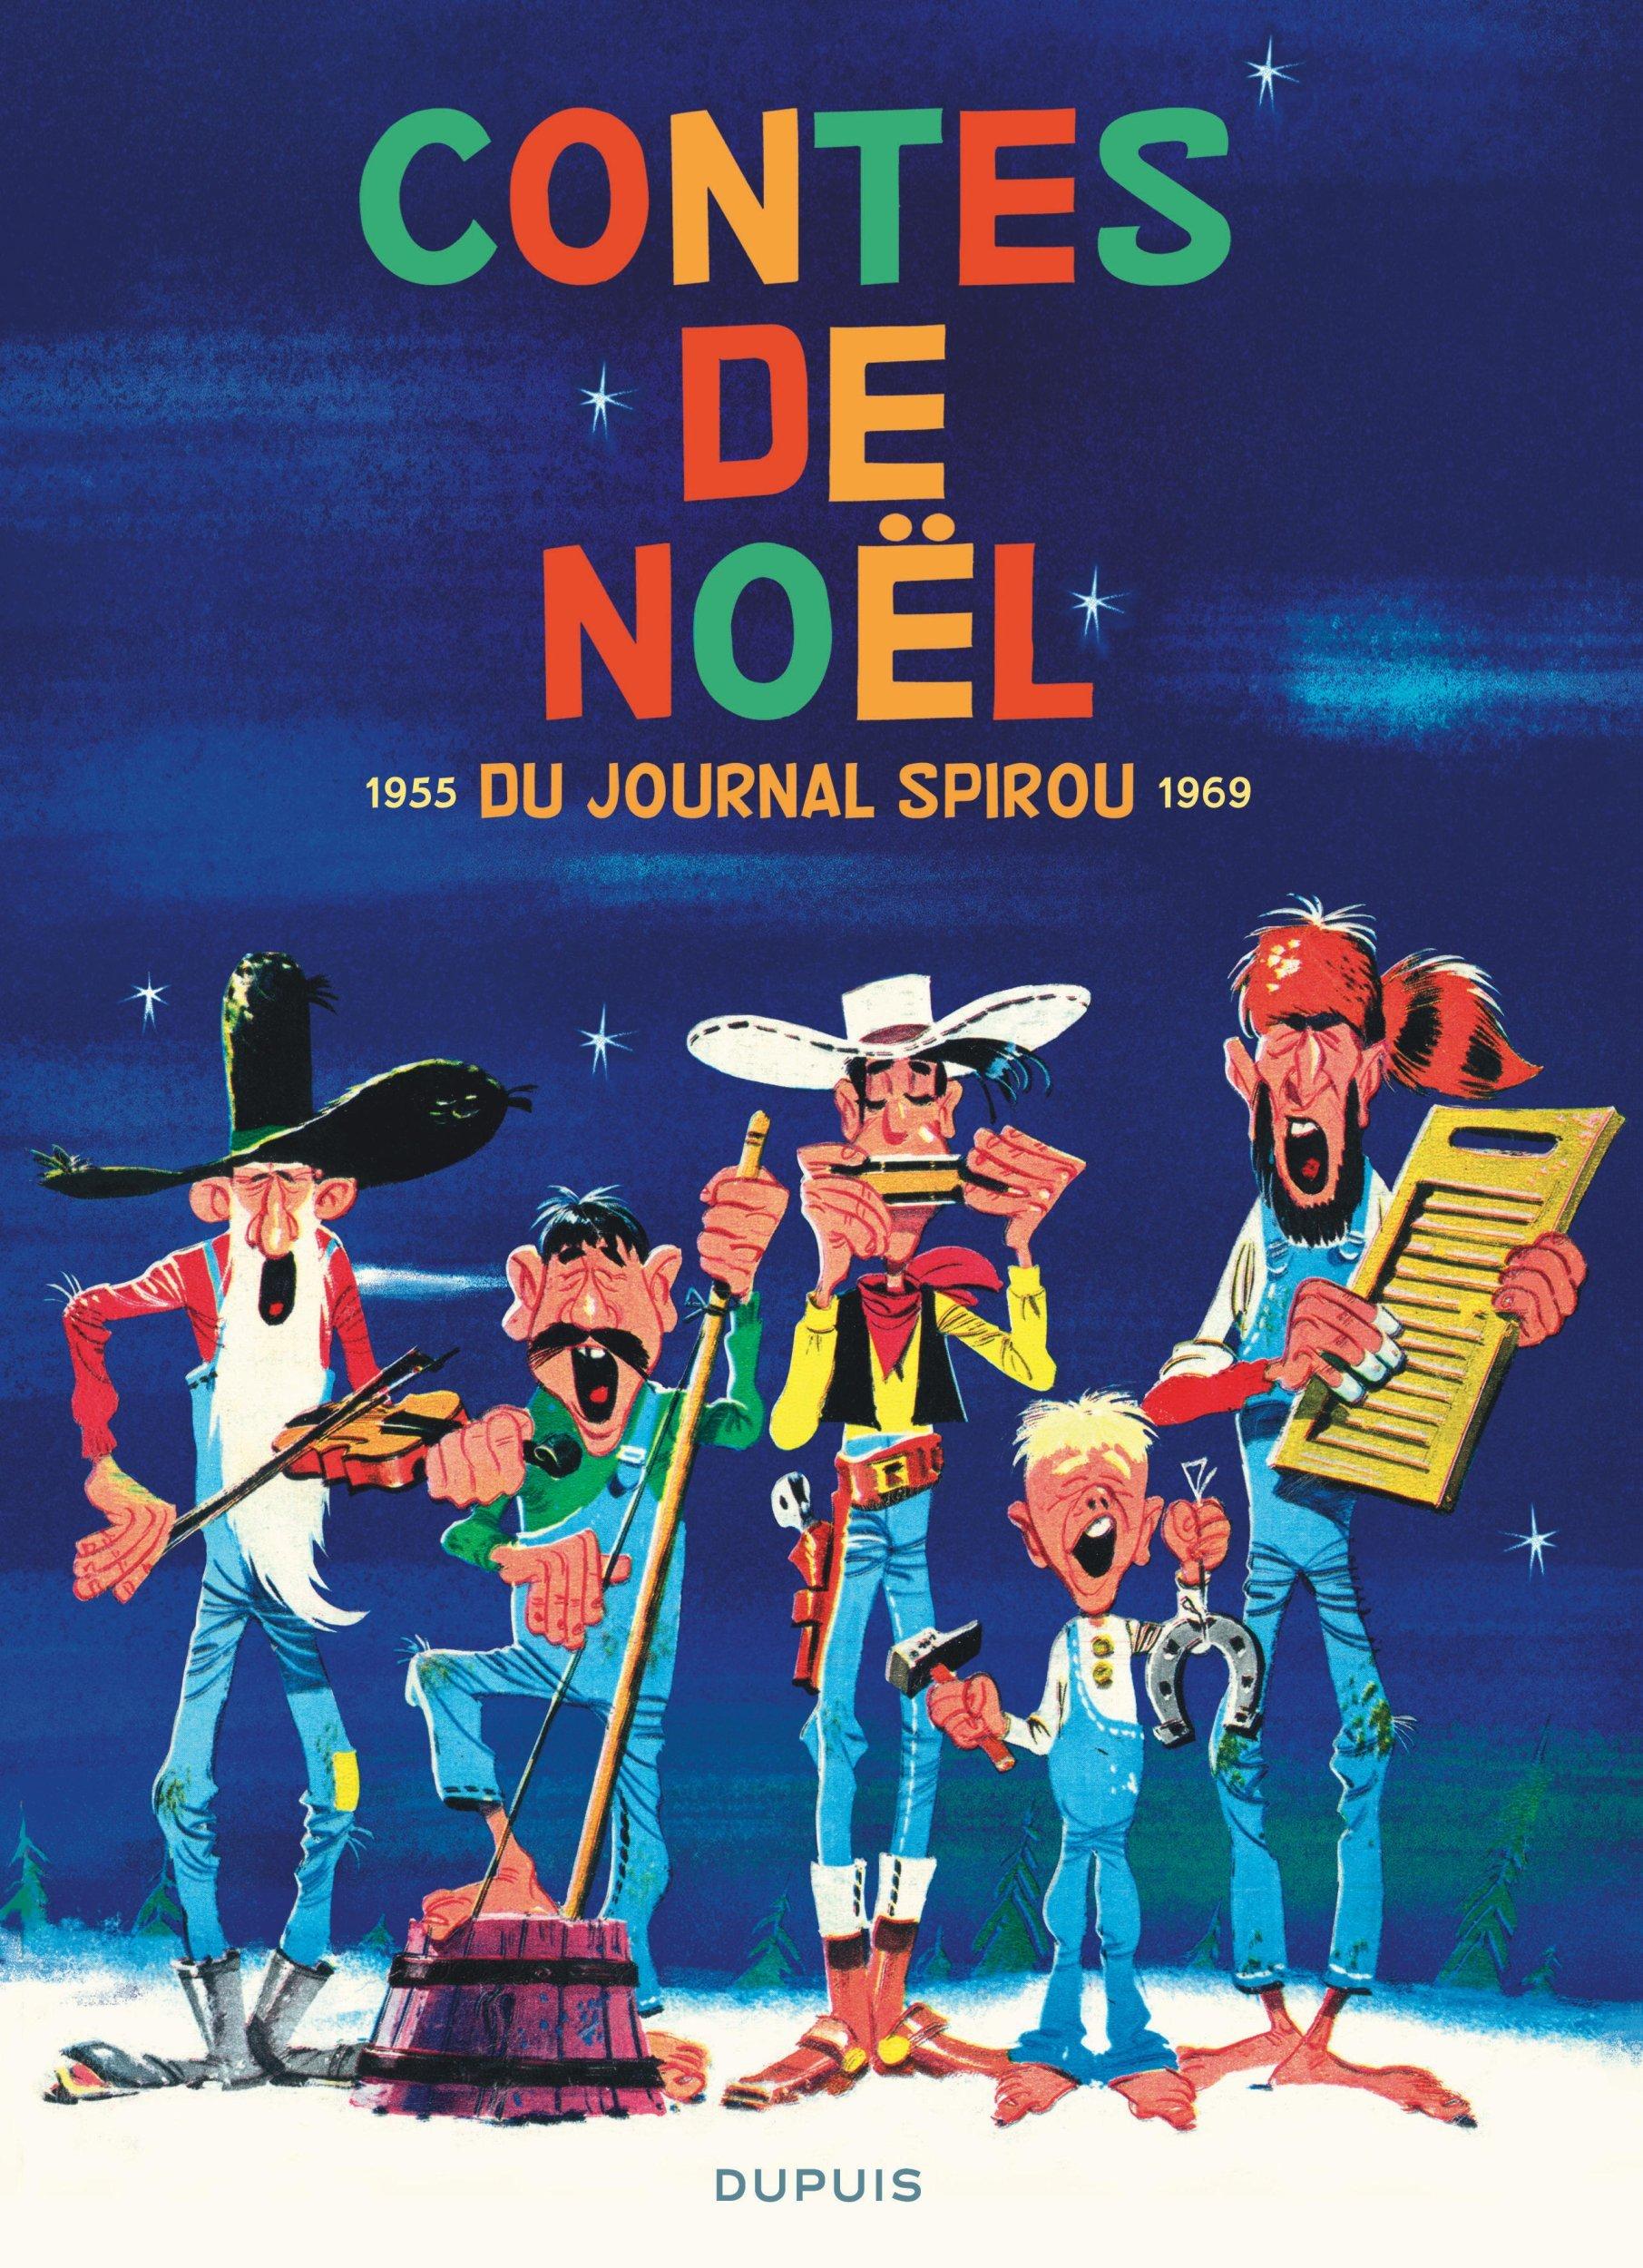 CONTES DE NOEL DU JOURNAL SPIROU 1955-1969